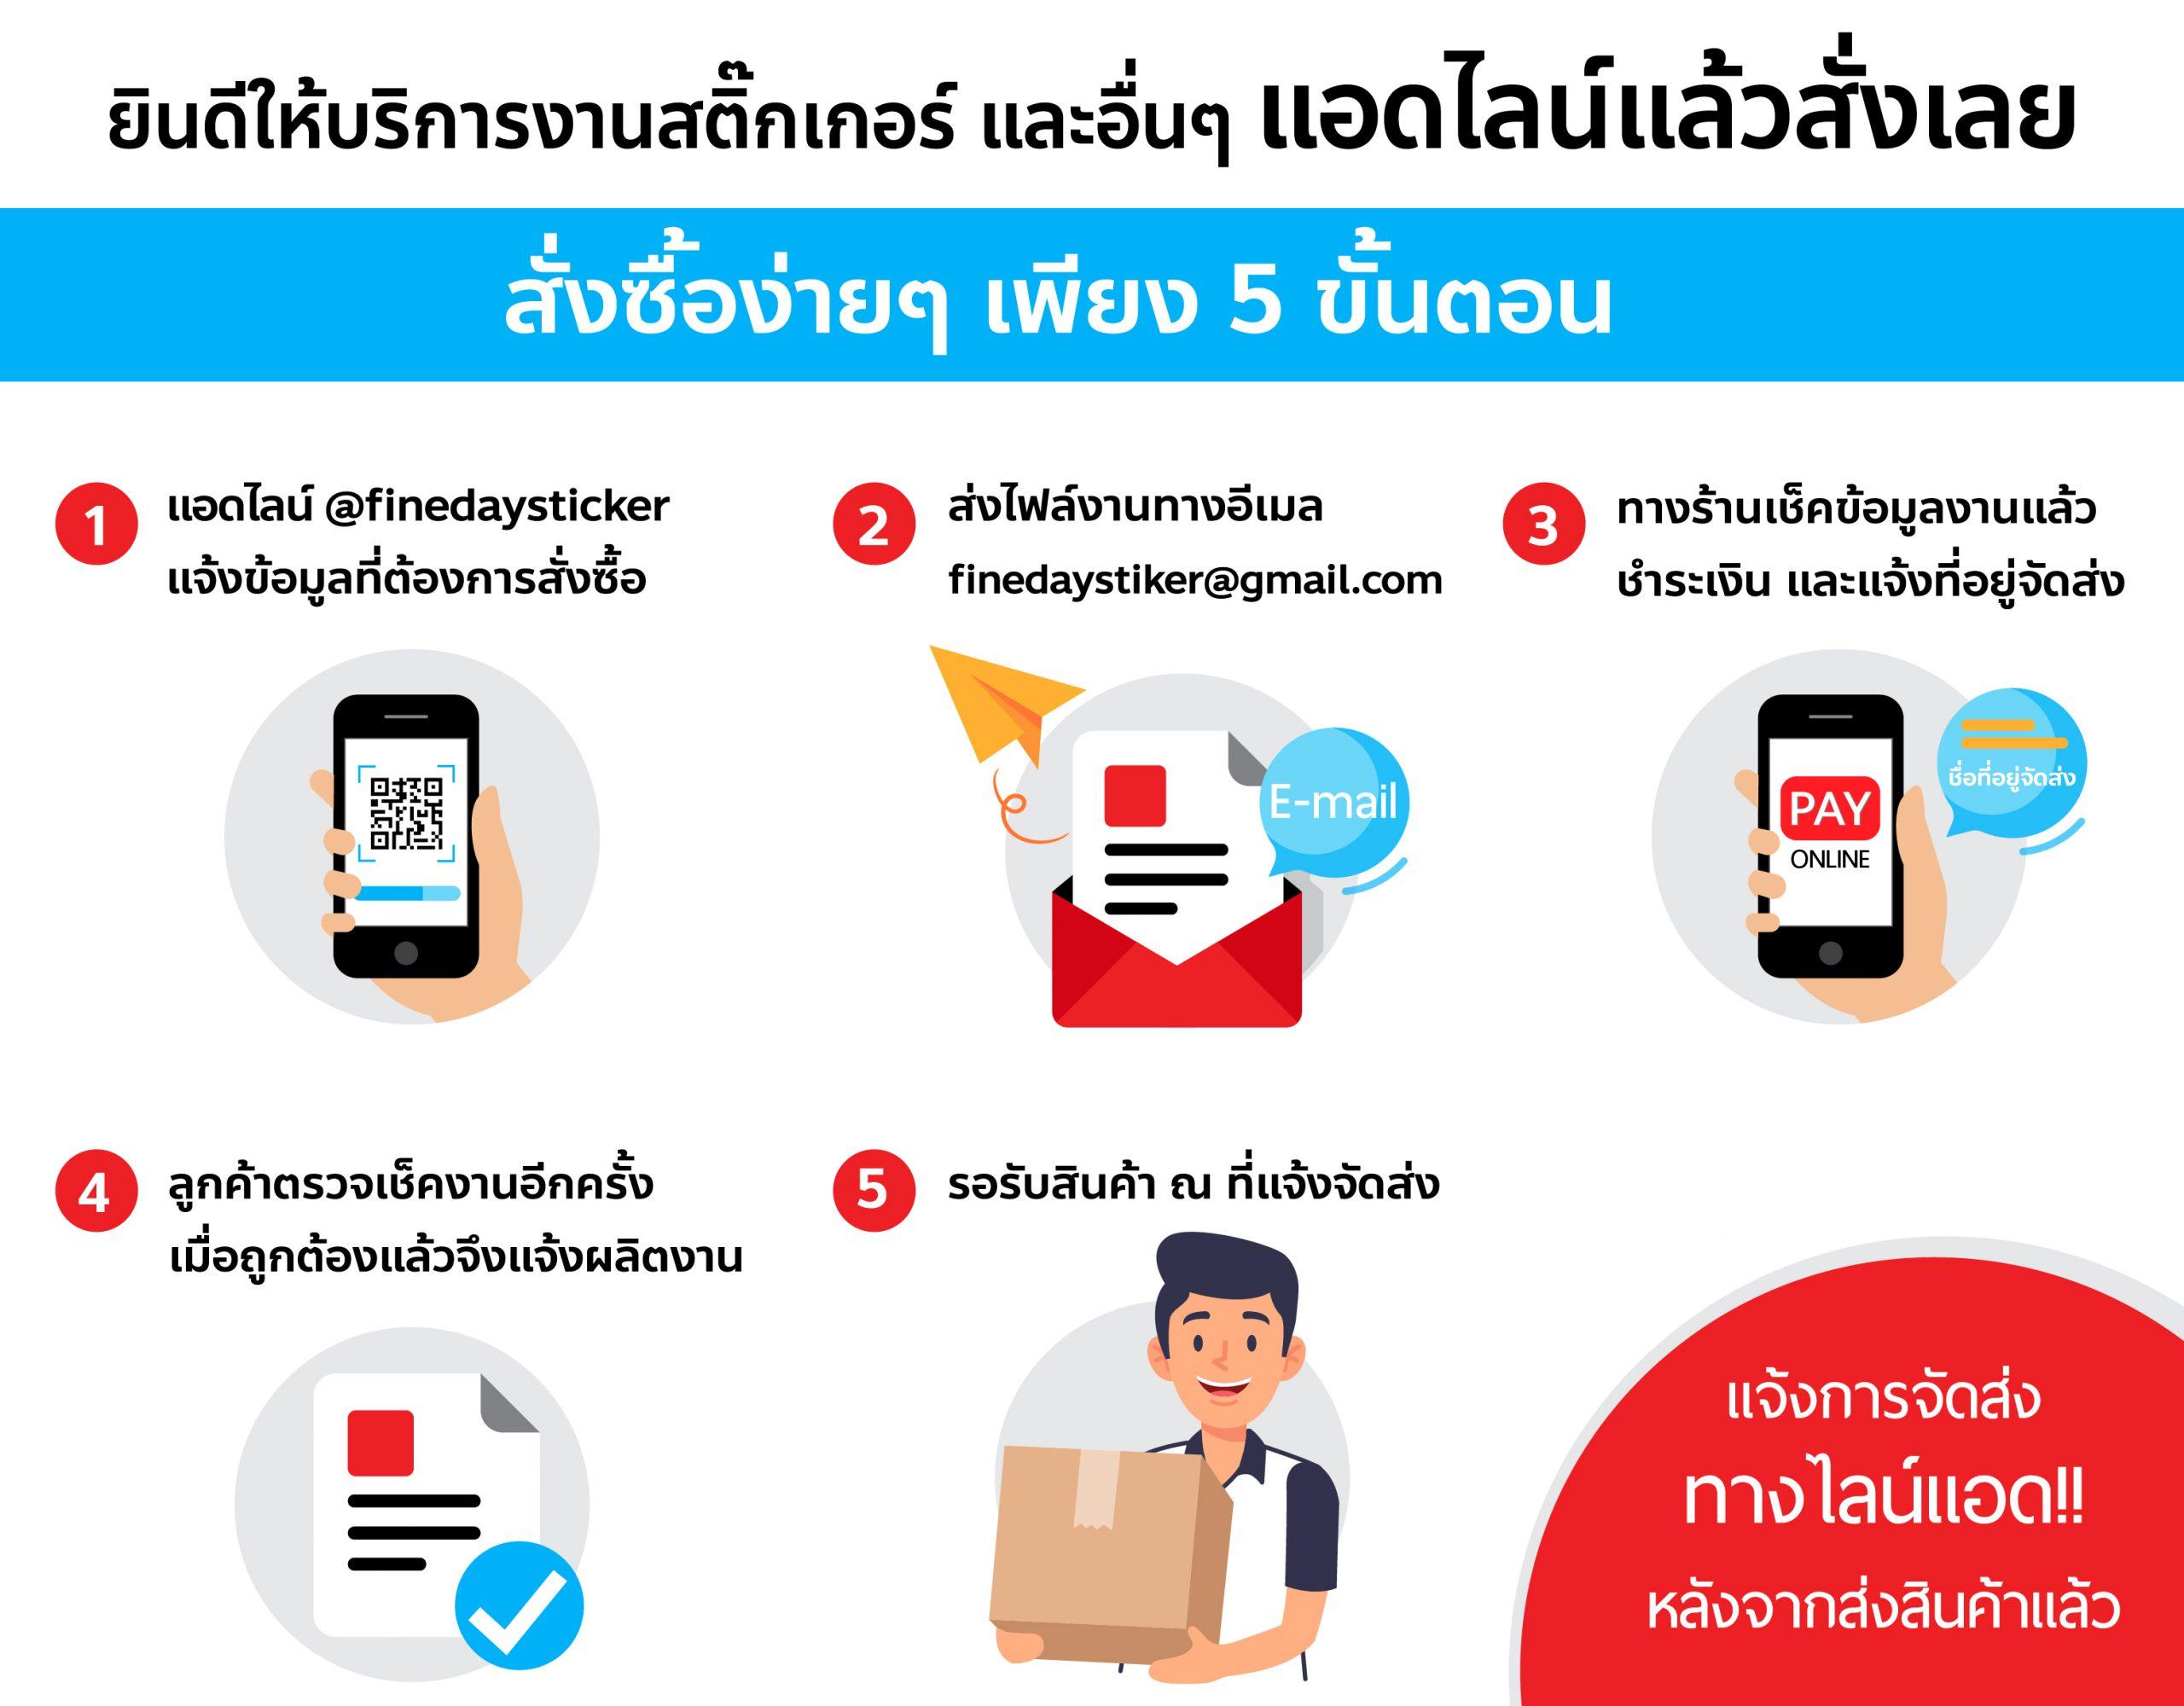 How to order รับพิมพ์สติ๊กเกอร์